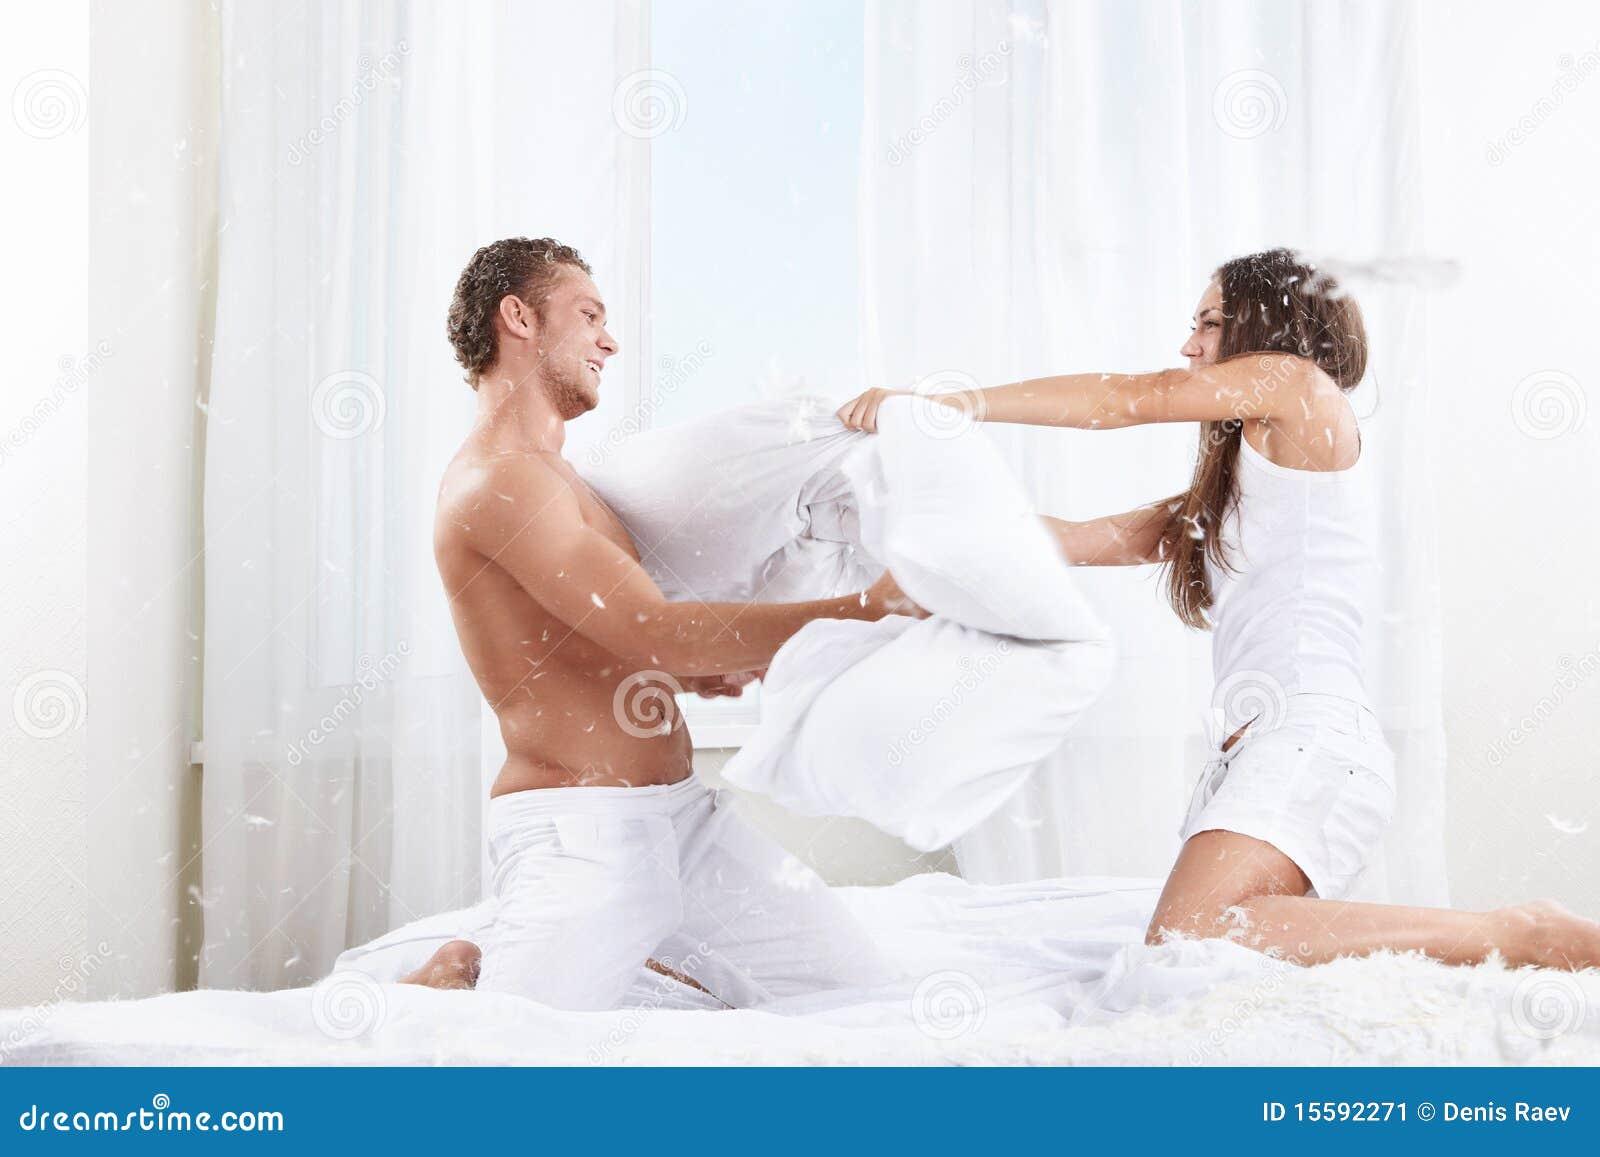 Русские бьются в оргазме 1 фотография